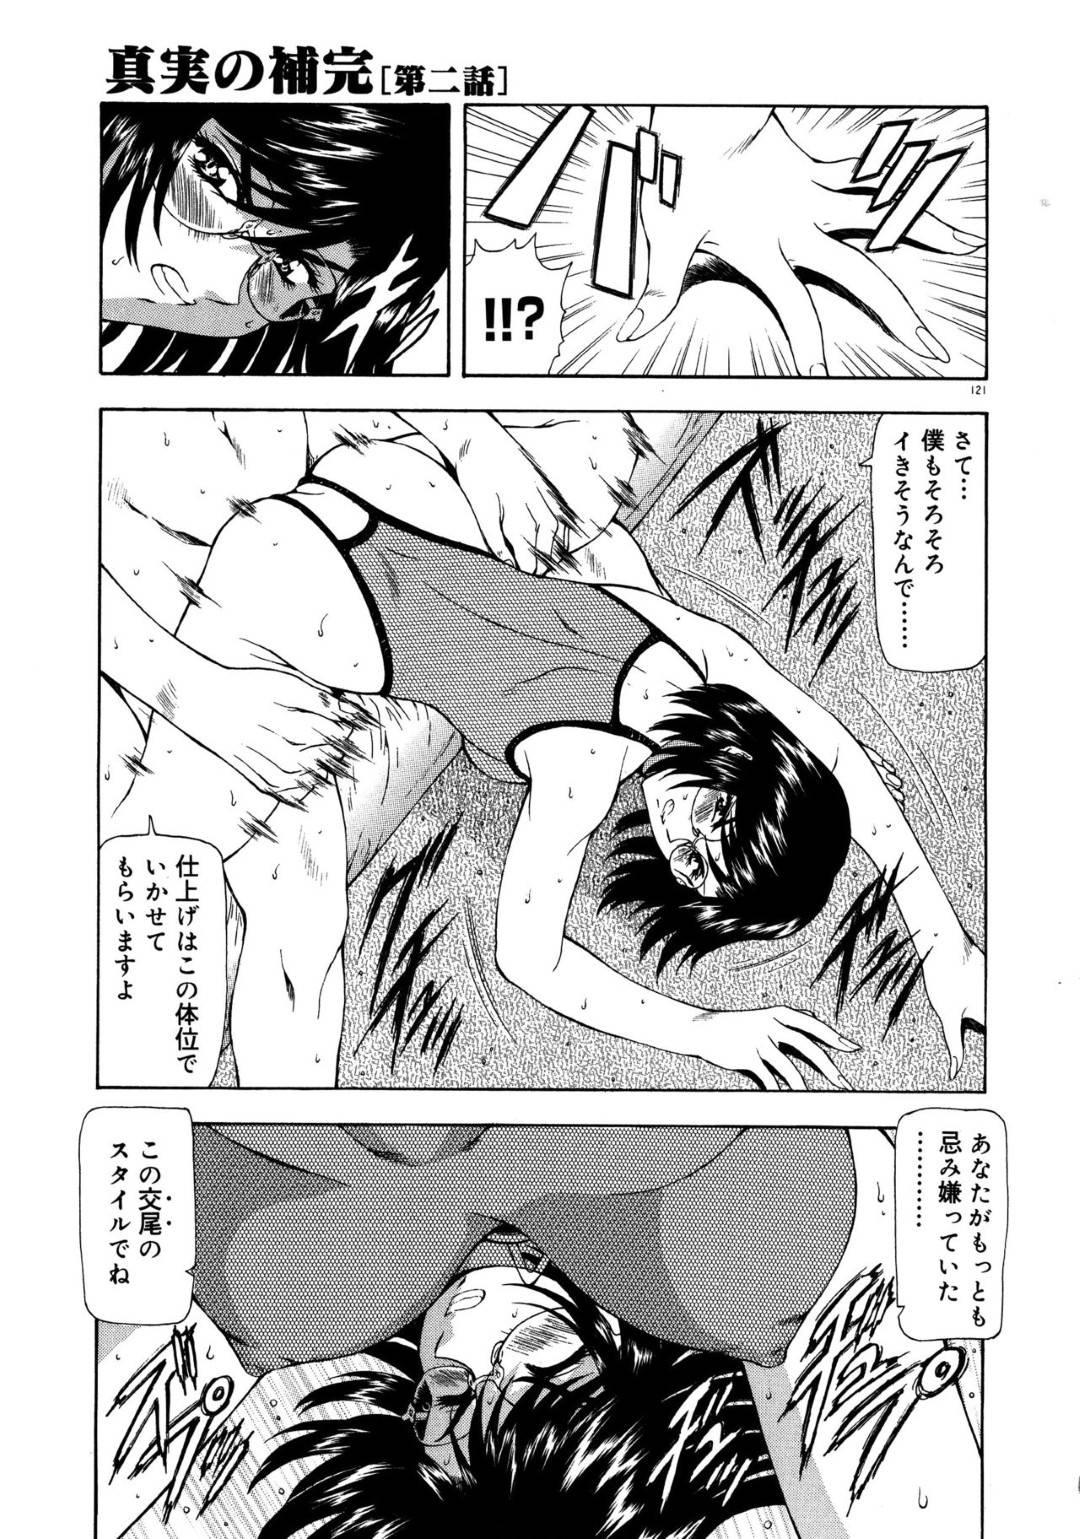 【エロ漫画】男に弱みを握られて脅迫を受けた眼鏡クールOL…半年間彼に好き放題される事になった彼女は彼に首輪をつけさせられて中出しセックスさせられてしまう。【真実の補完 第二話】